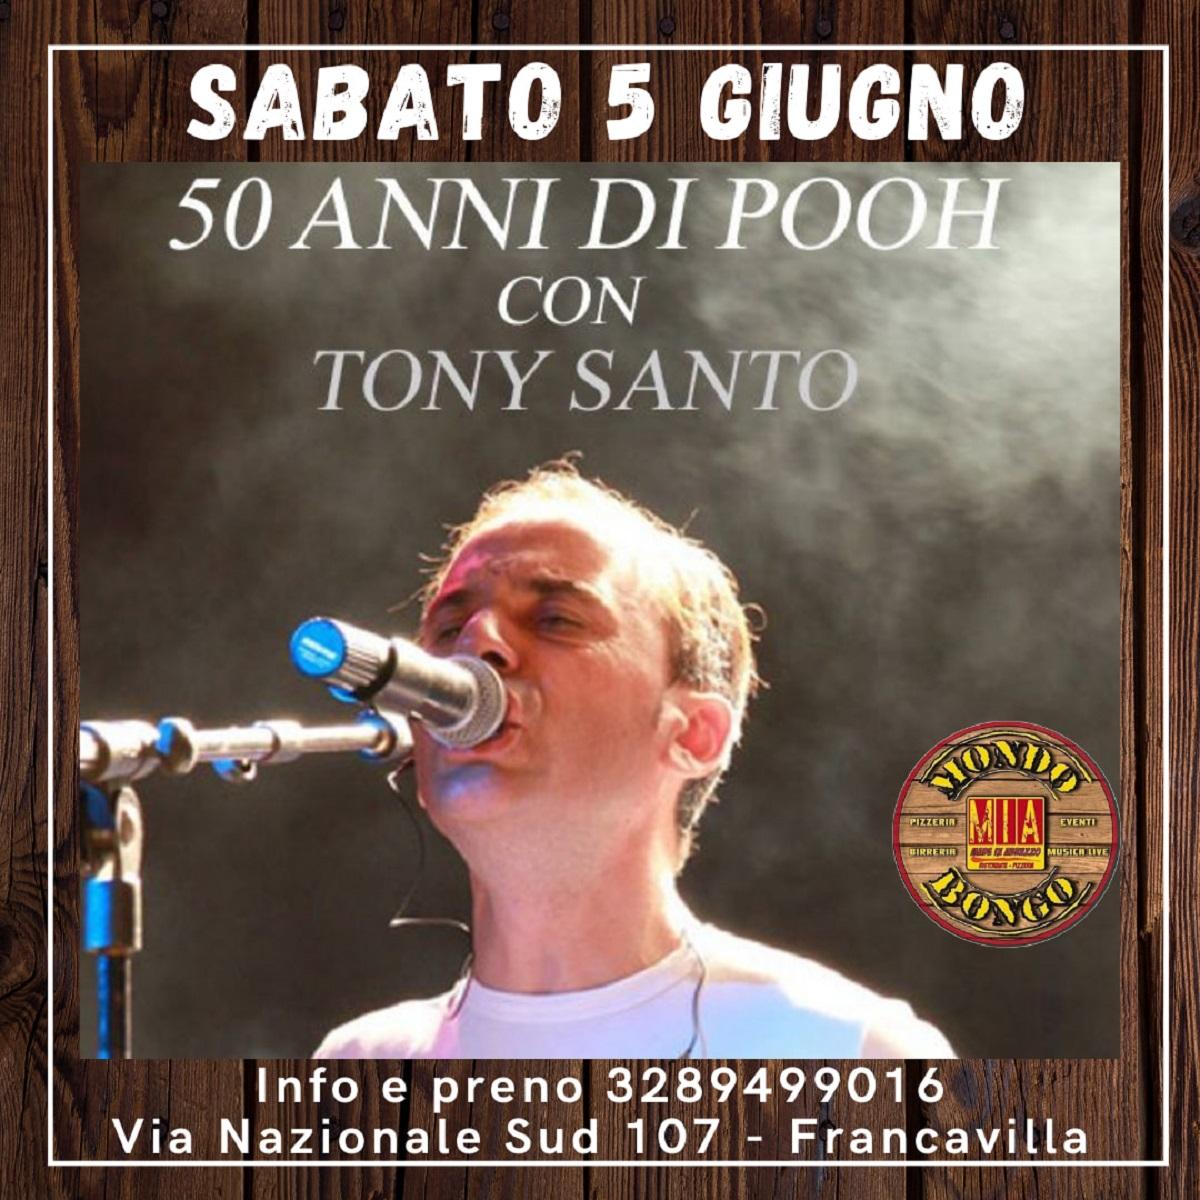 50 anni di Pooh con Tony Di Santo sabato 5 giugno 2021 foto